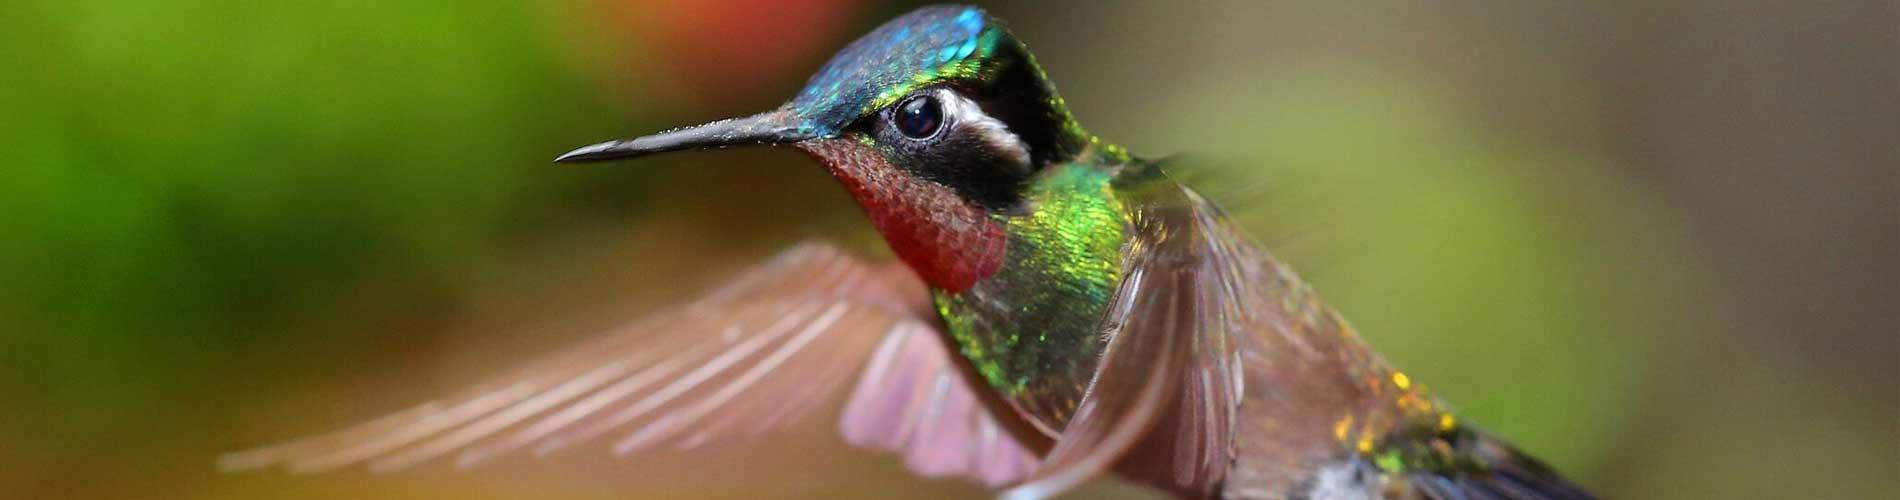 Kolibrietuin